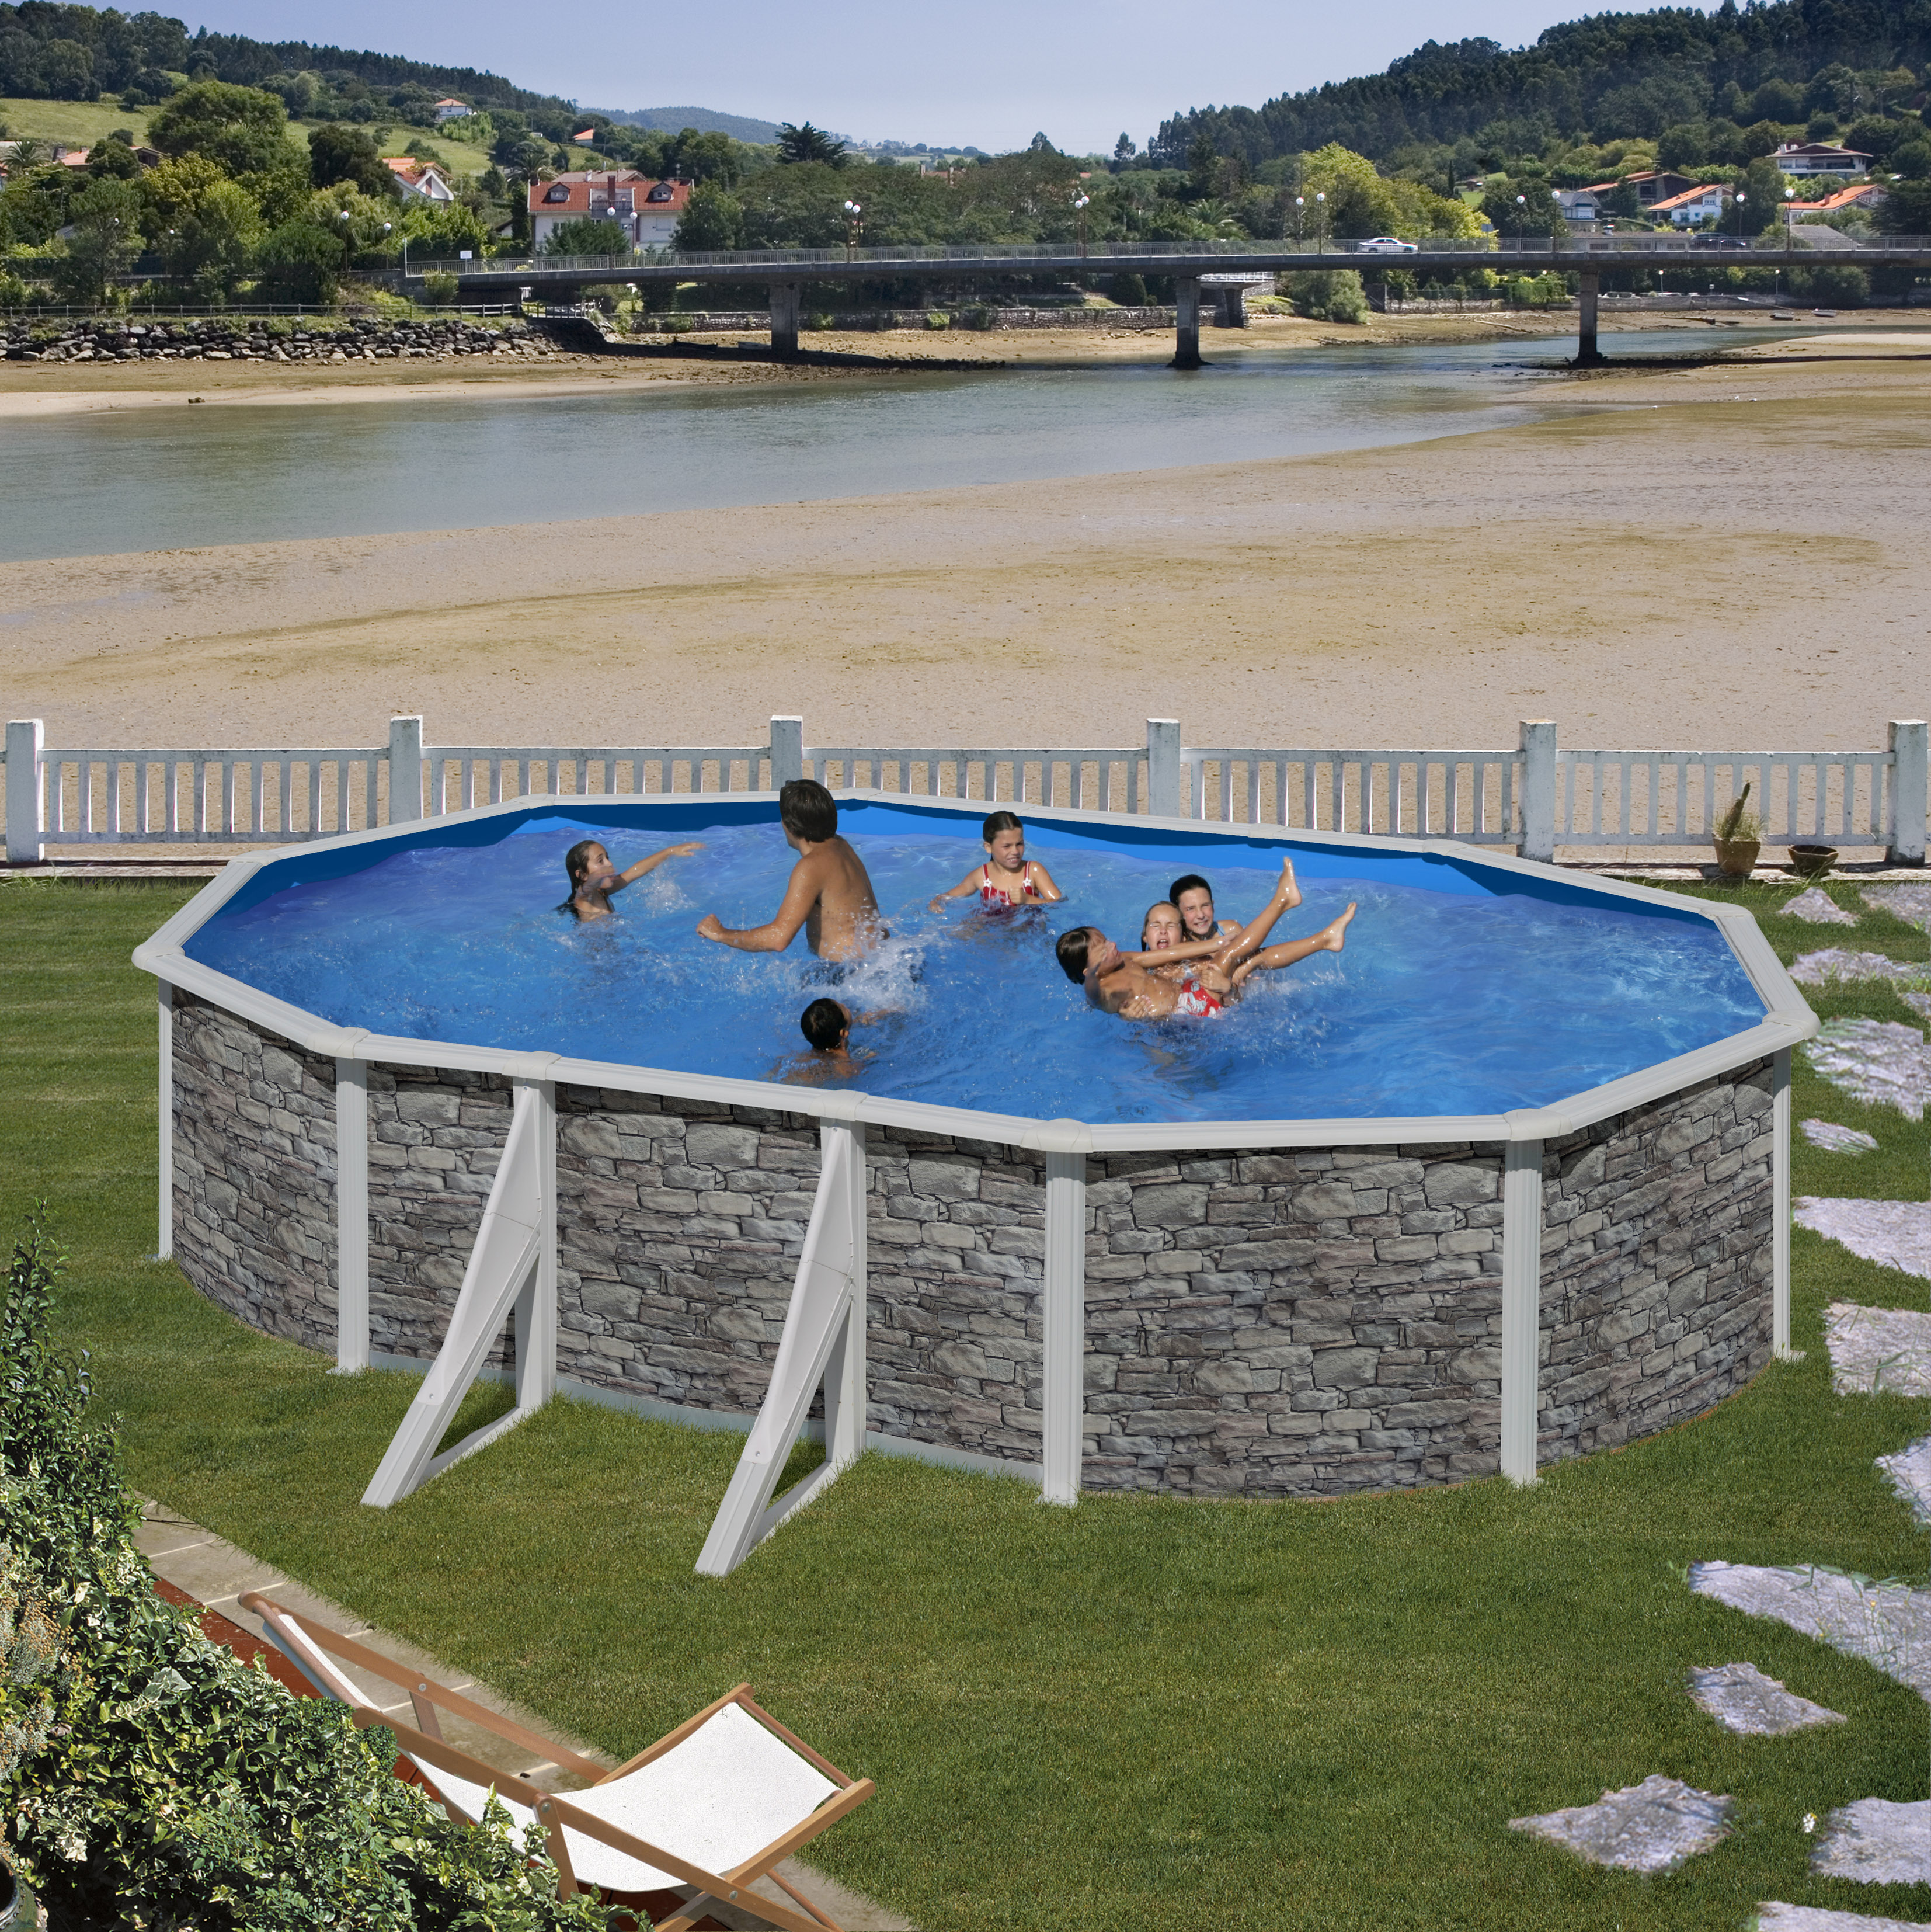 Piscina ovale gre cerdena effetto pietra h 120 cm for Gre piscine ricambi